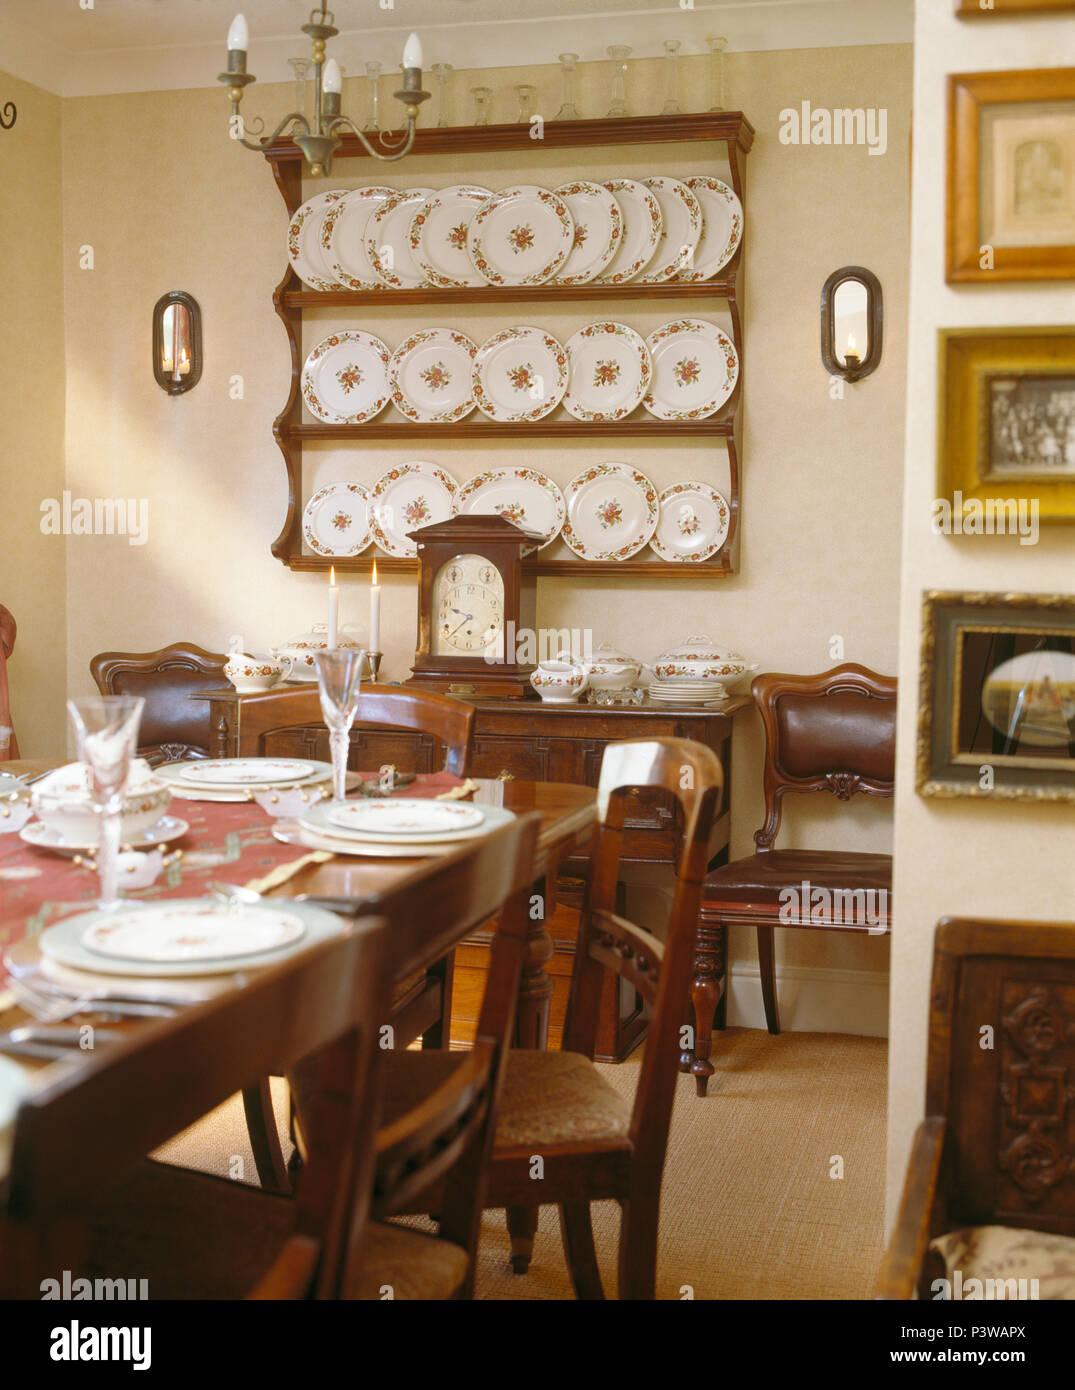 Colección de placas antiguas en estantes de pared en el país comedor ...